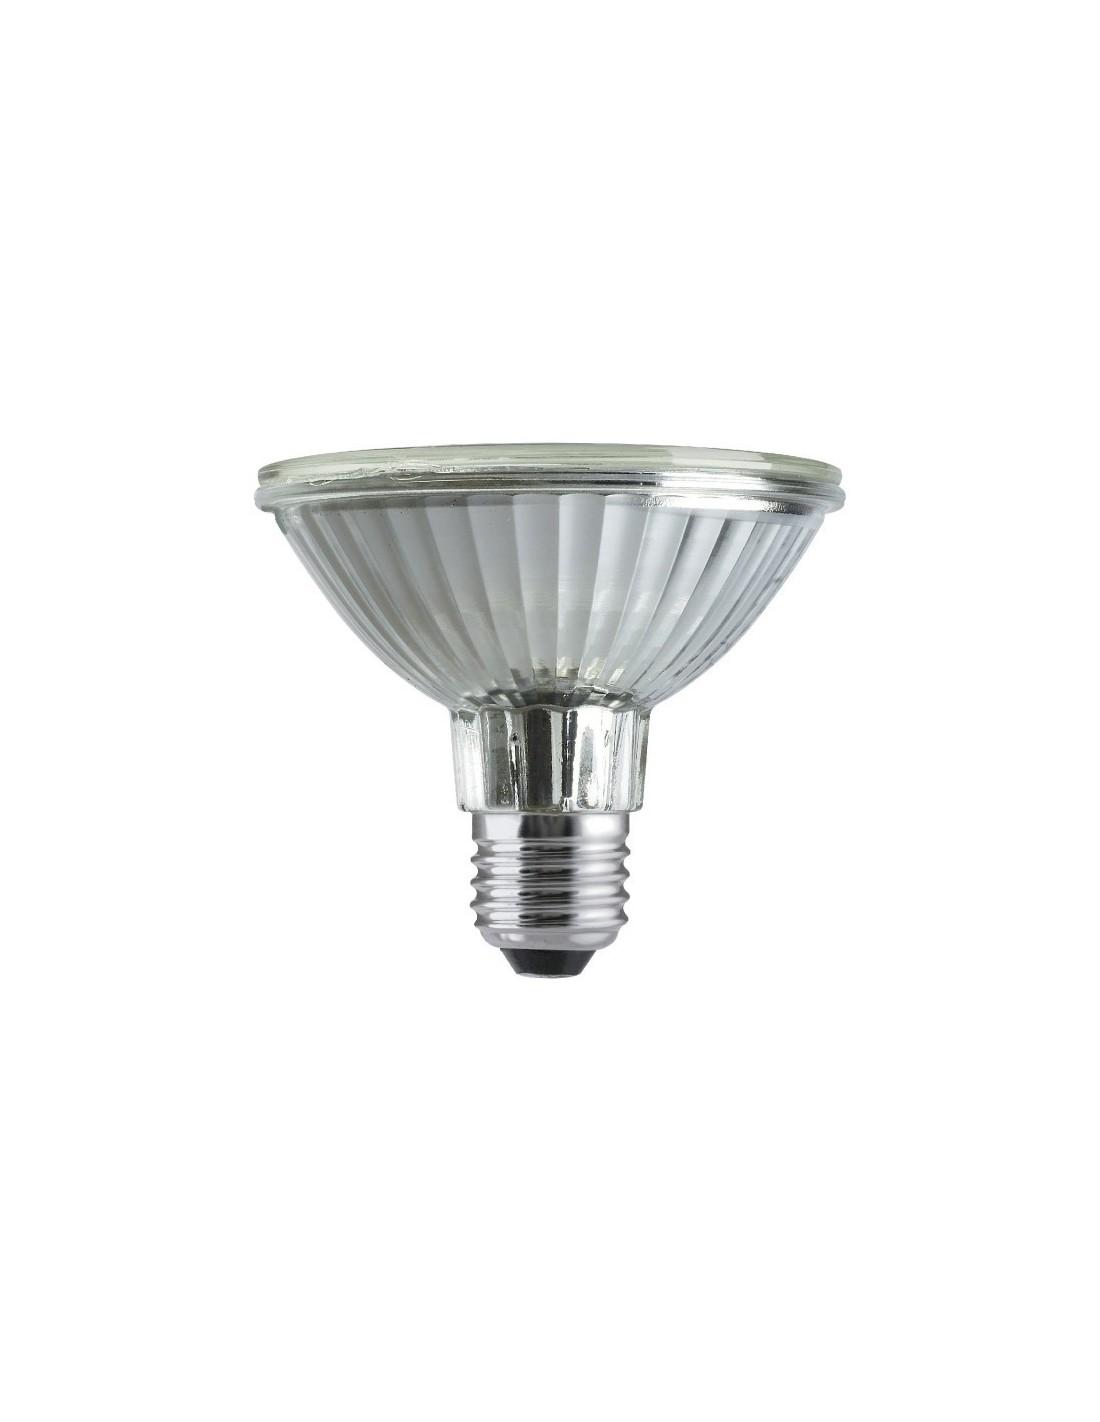 Lampe r flecteur halog ne e27 par 30 faisceau 30 puis w 75 pce 1 candela - Reflecteur solaire maison ...